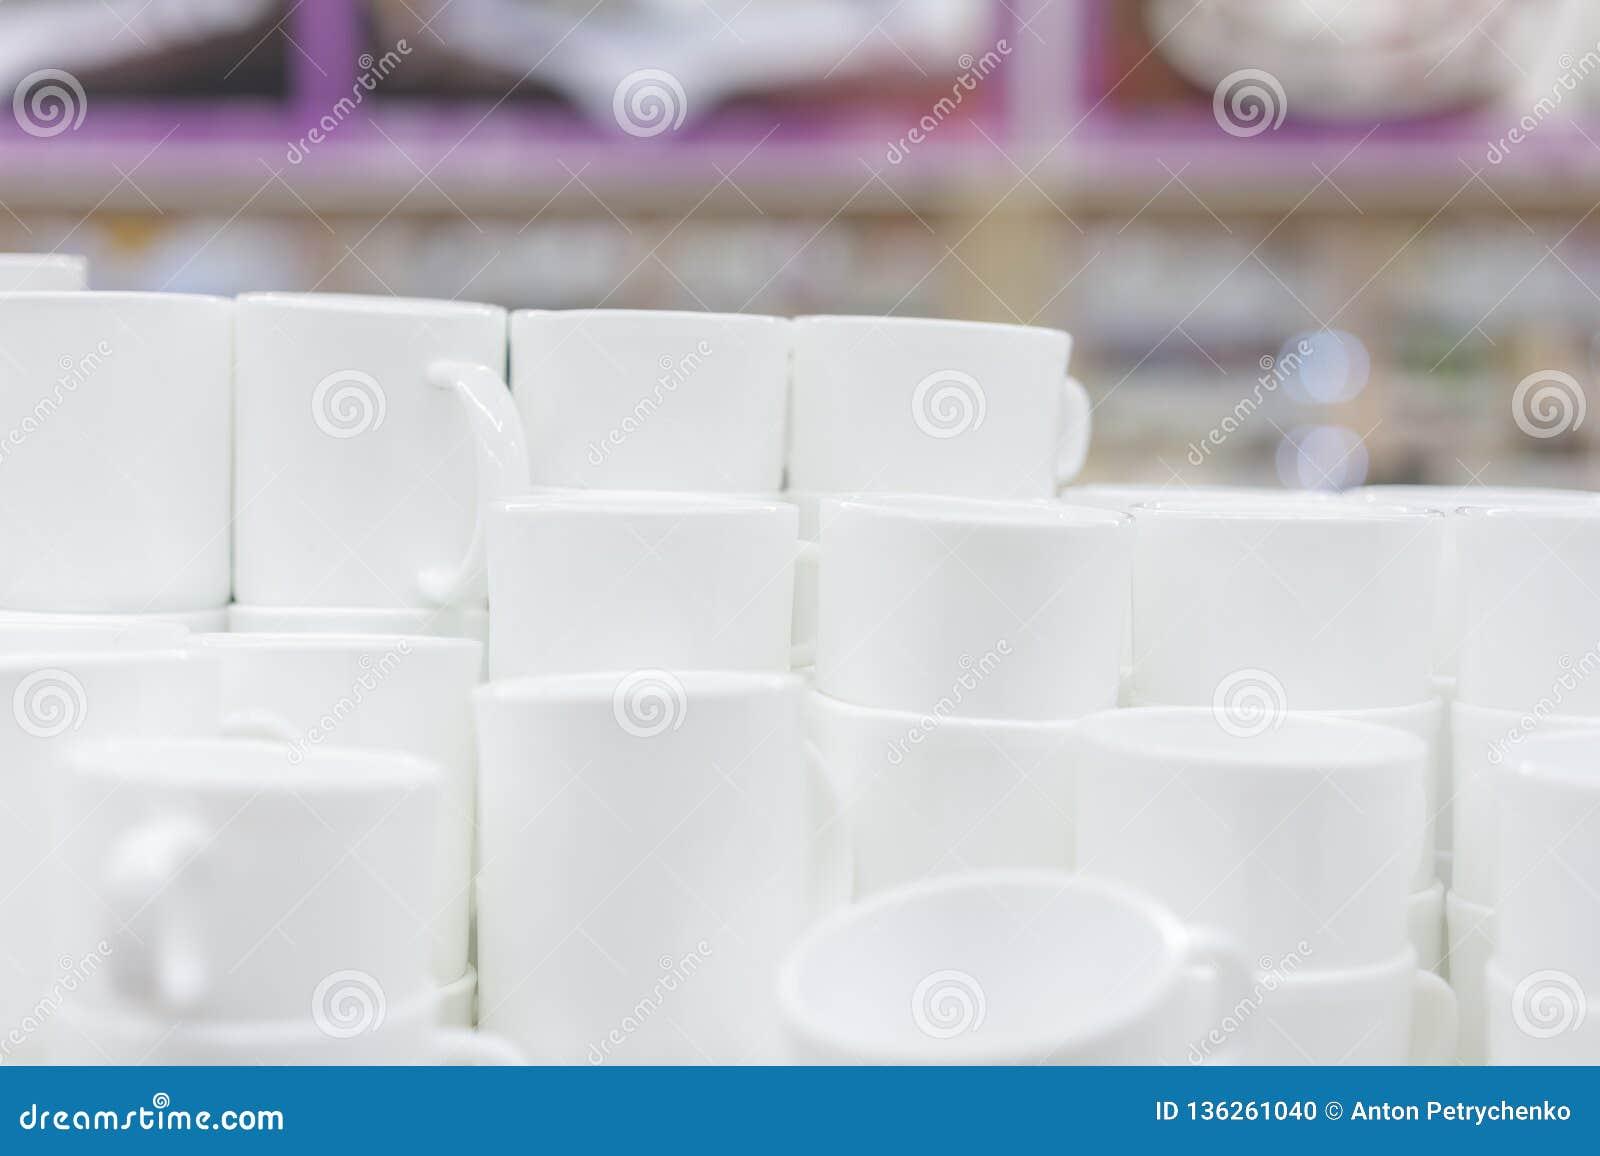 Białe filiżanki na półce w sklepie Biali ceramiczni spodeczki na półkach i filiżanki Półki z kuchennymi naczyniami